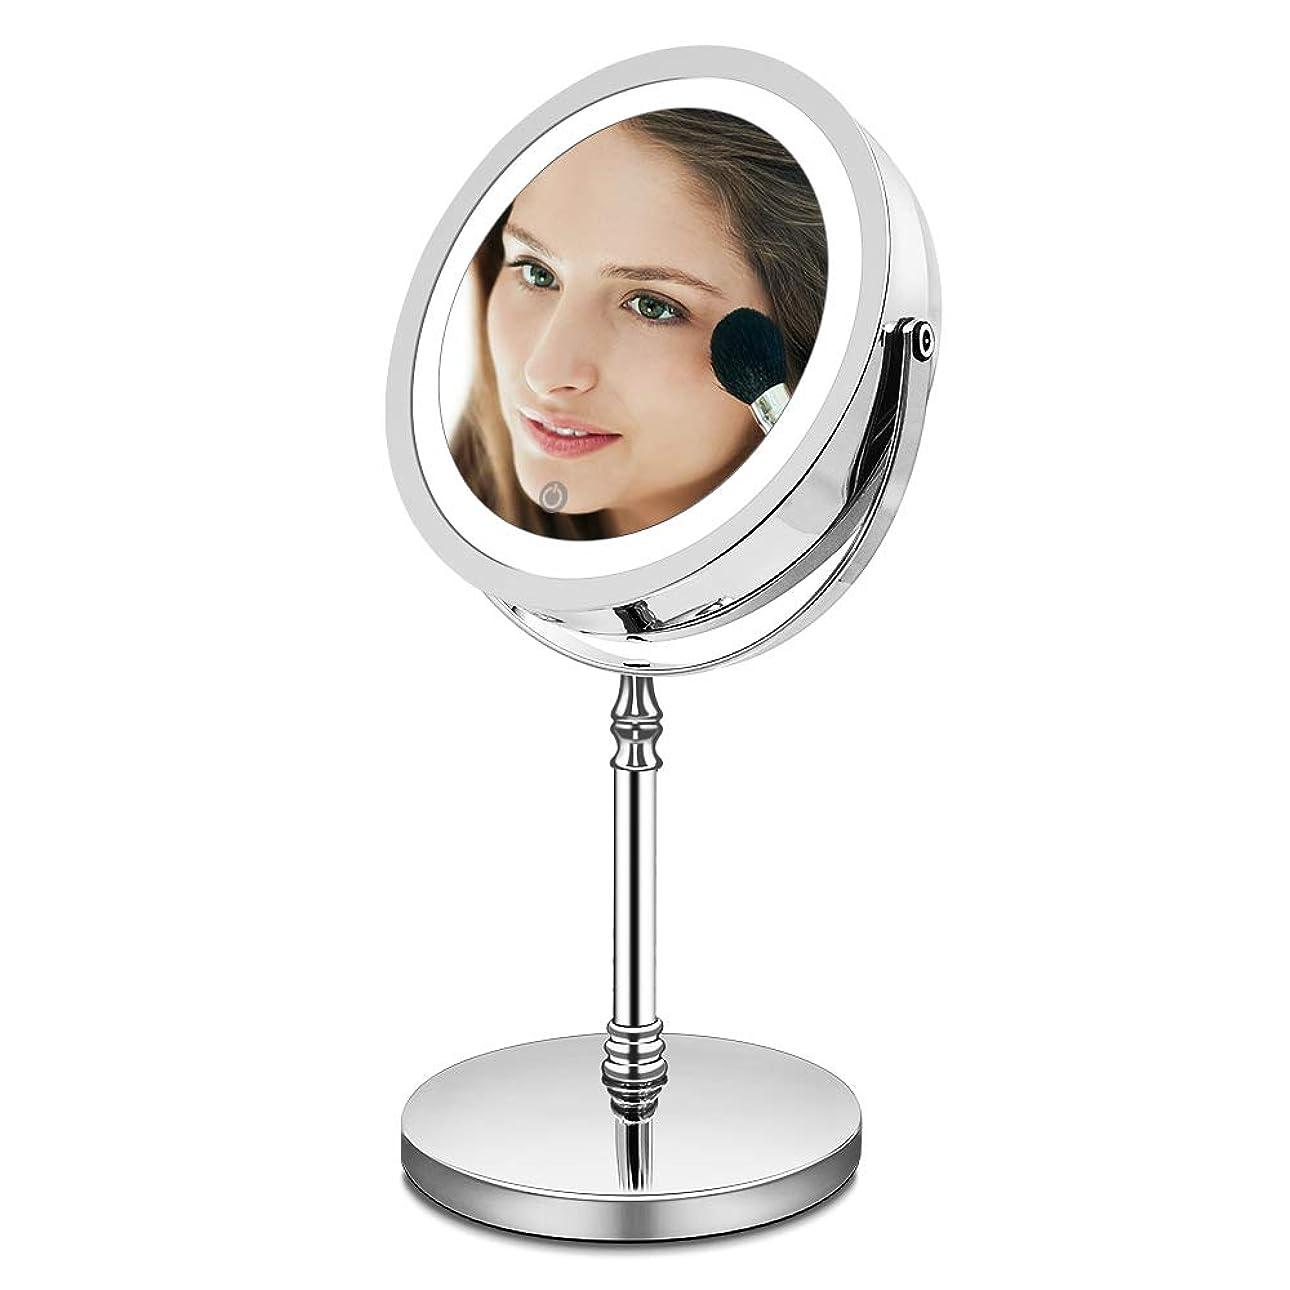 延ばす仮定アイロニーAMZTOLIFE 10倍拡大鏡+等倍鏡 化粧鏡 ライト付き 卓上鏡 ミラー 鏡 化粧ミラー メイクアップミラー スタンドミラー 360度回転 明るさ調節 日本語取扱説明書付き (タイチー)